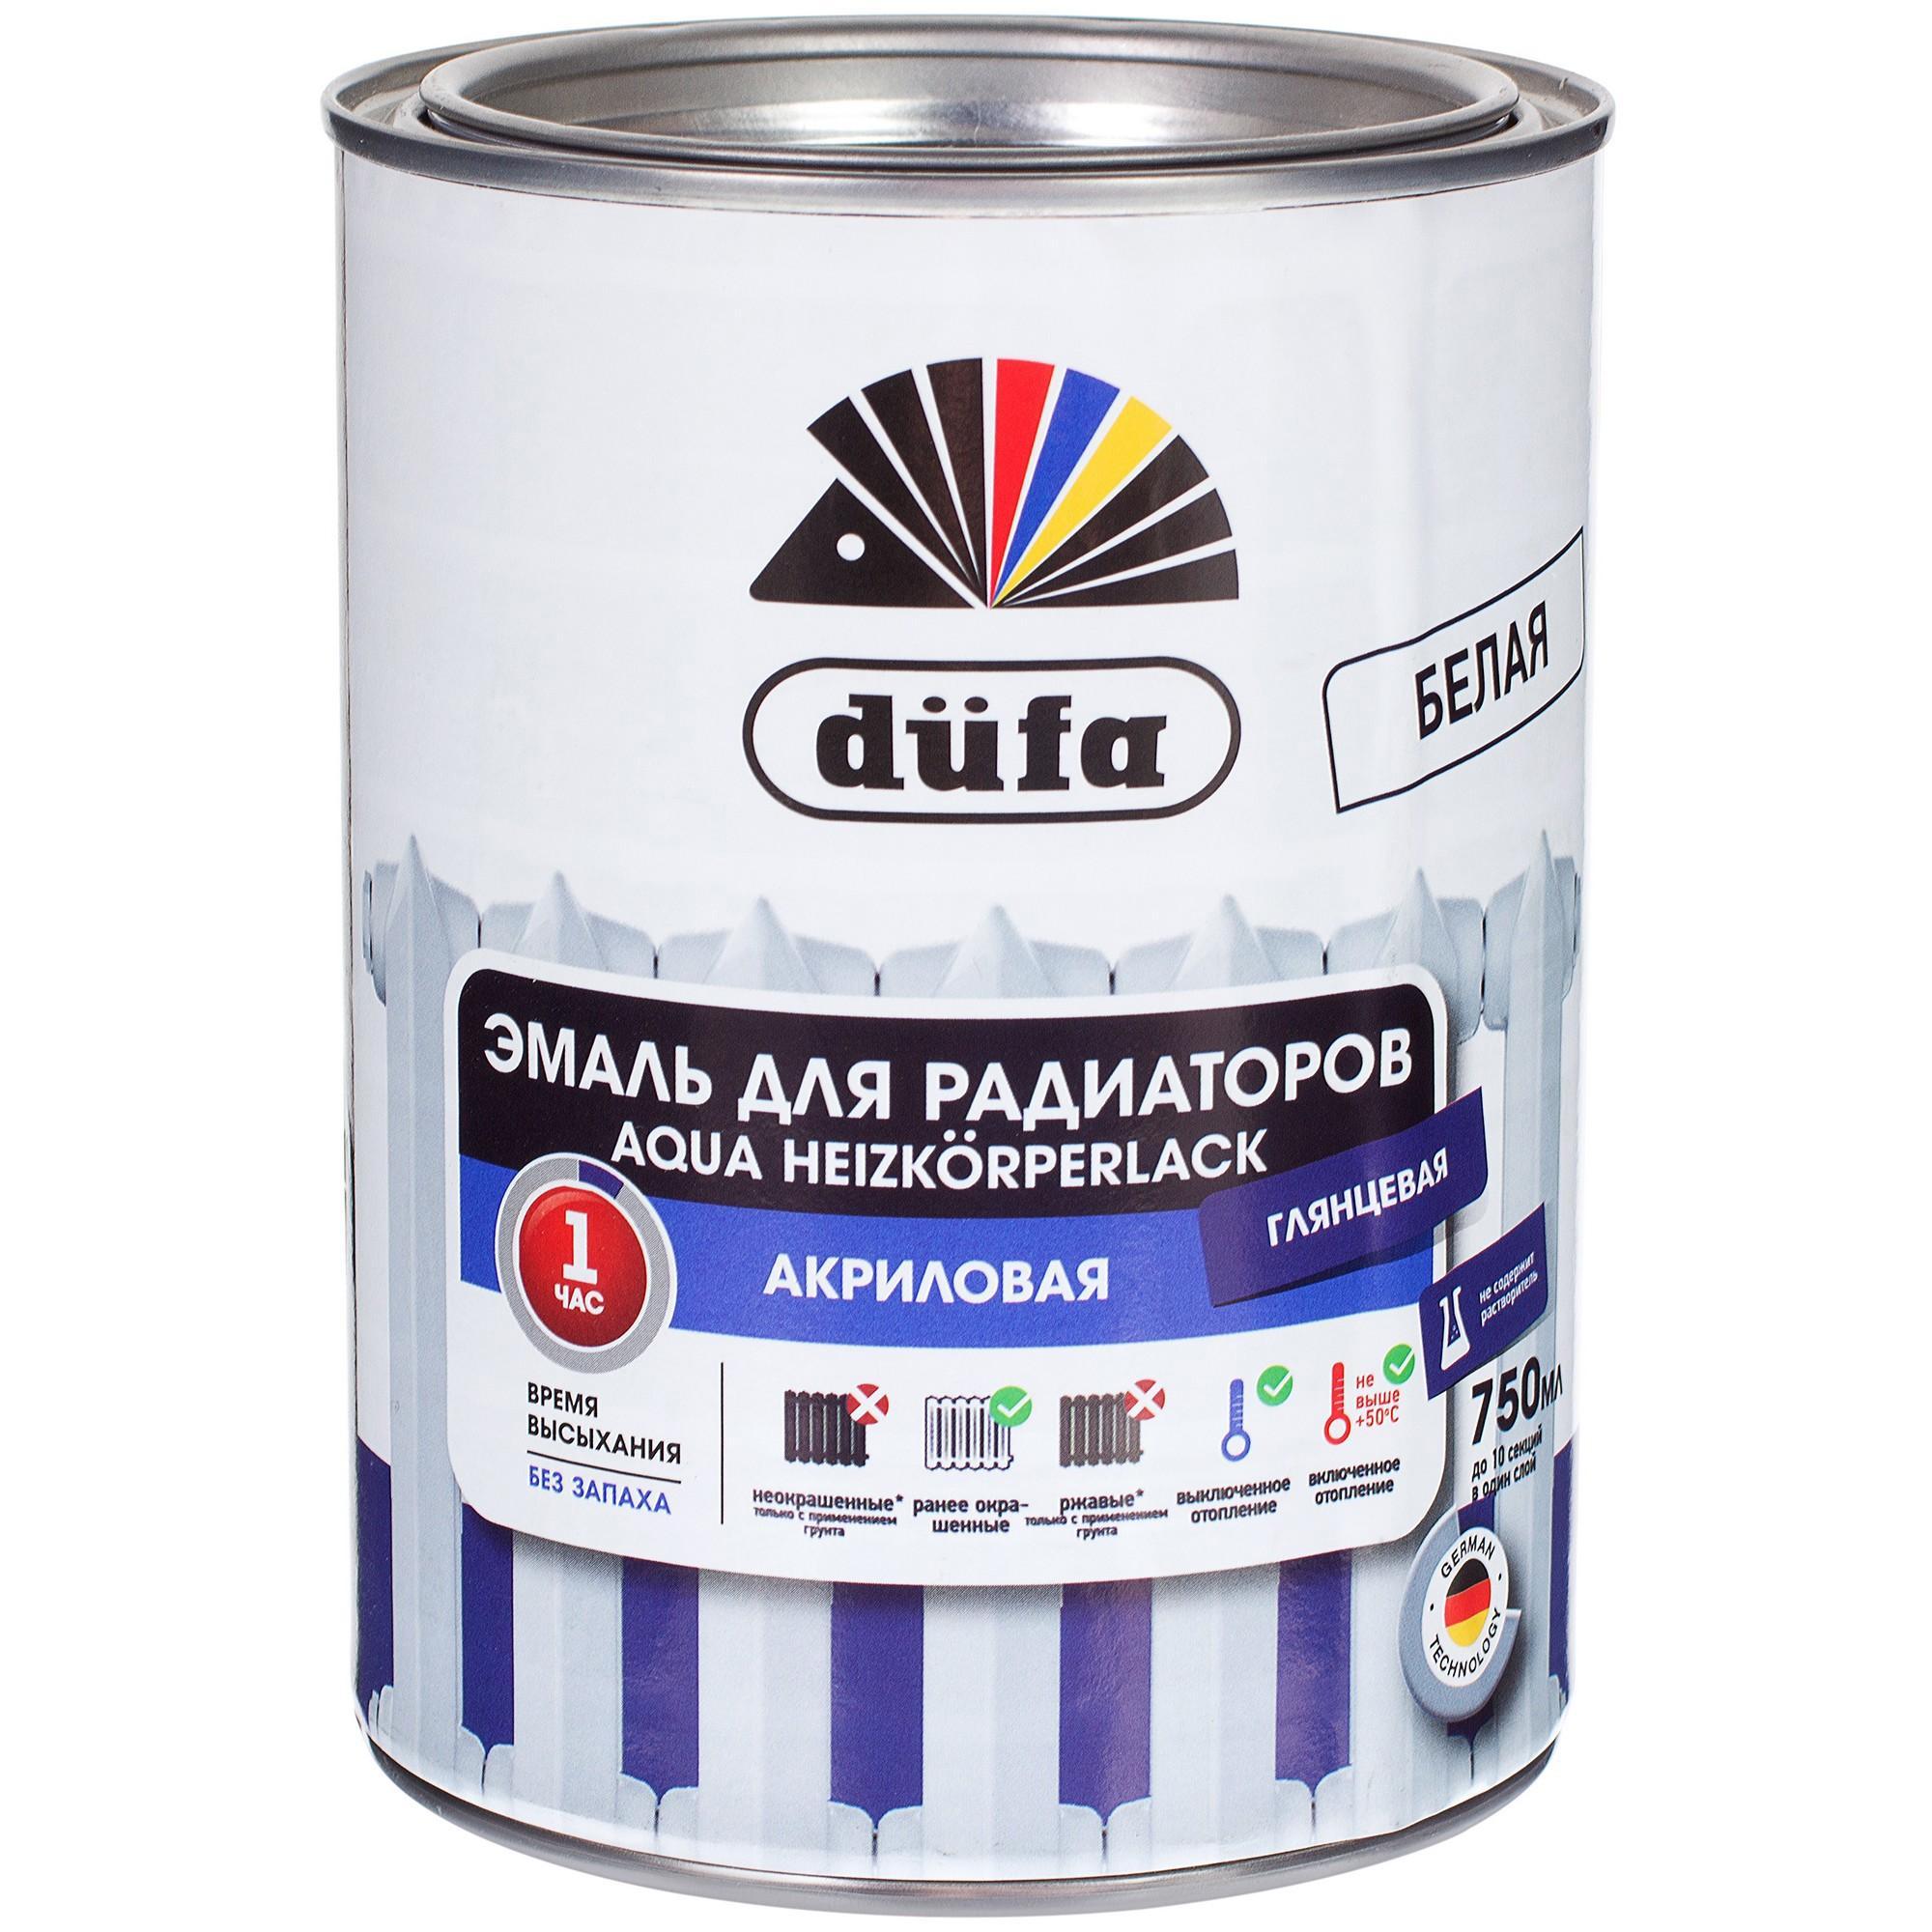 Акрилдік шайыр негізіндегі су қосып сұйылтатын эмаль: Dufa Aqua-Heizkorperlack радиаторларға арналған эмаль, ақ түсті, 0,75 л